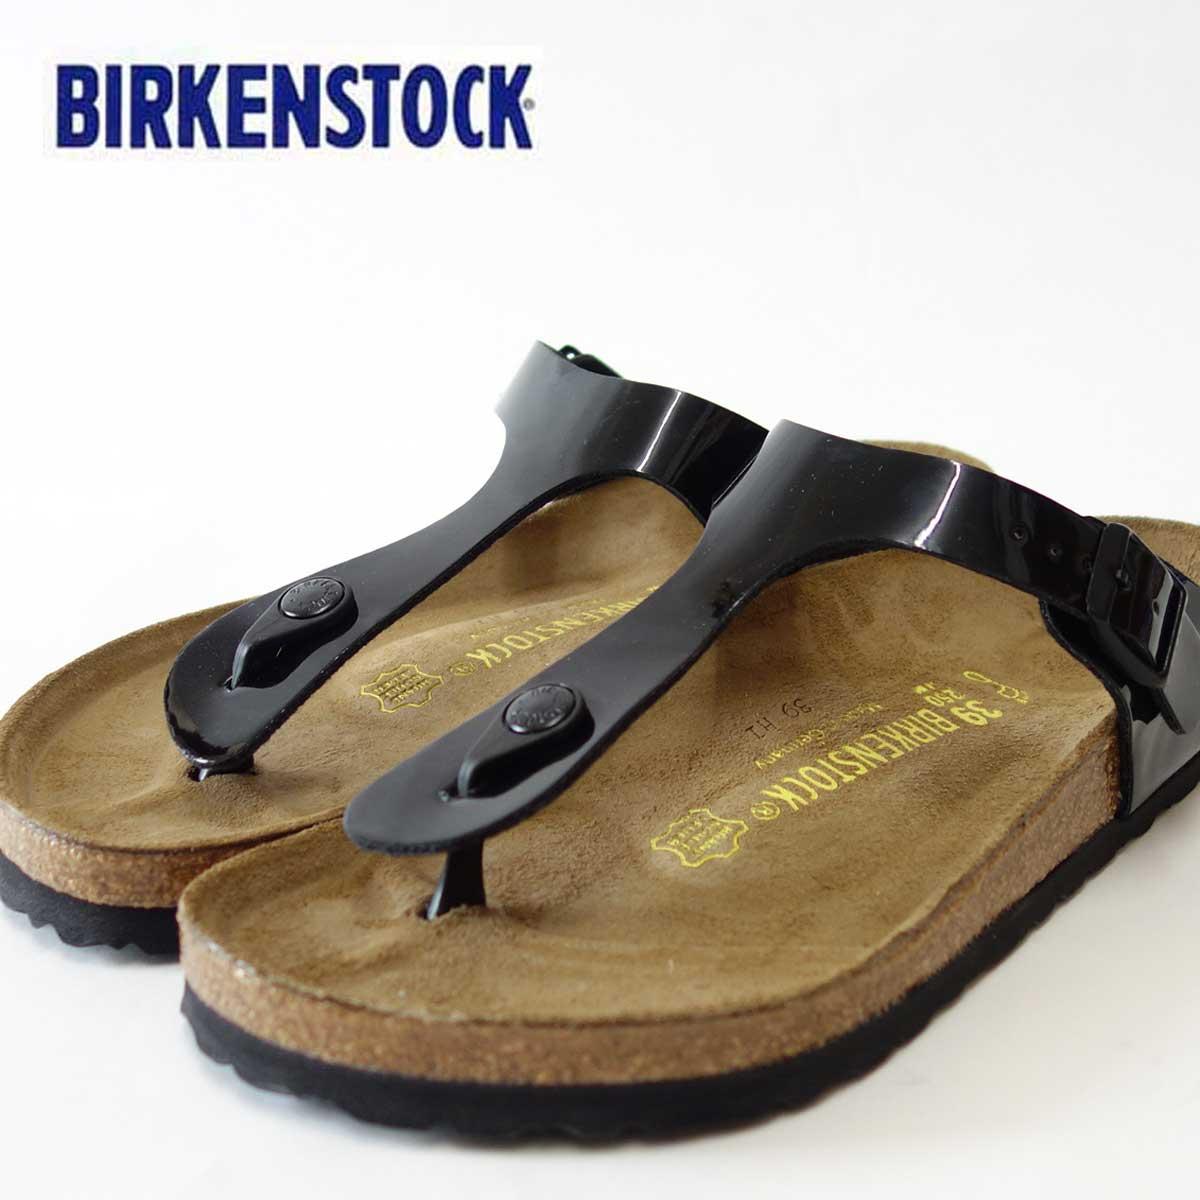 BIRKENSTOCK(ビルケンシュトック) GIZEH(ギゼ)レディース 043661(ビルコフロー/ブラックパテント)ドイツ生まれの快適サンダル「靴」